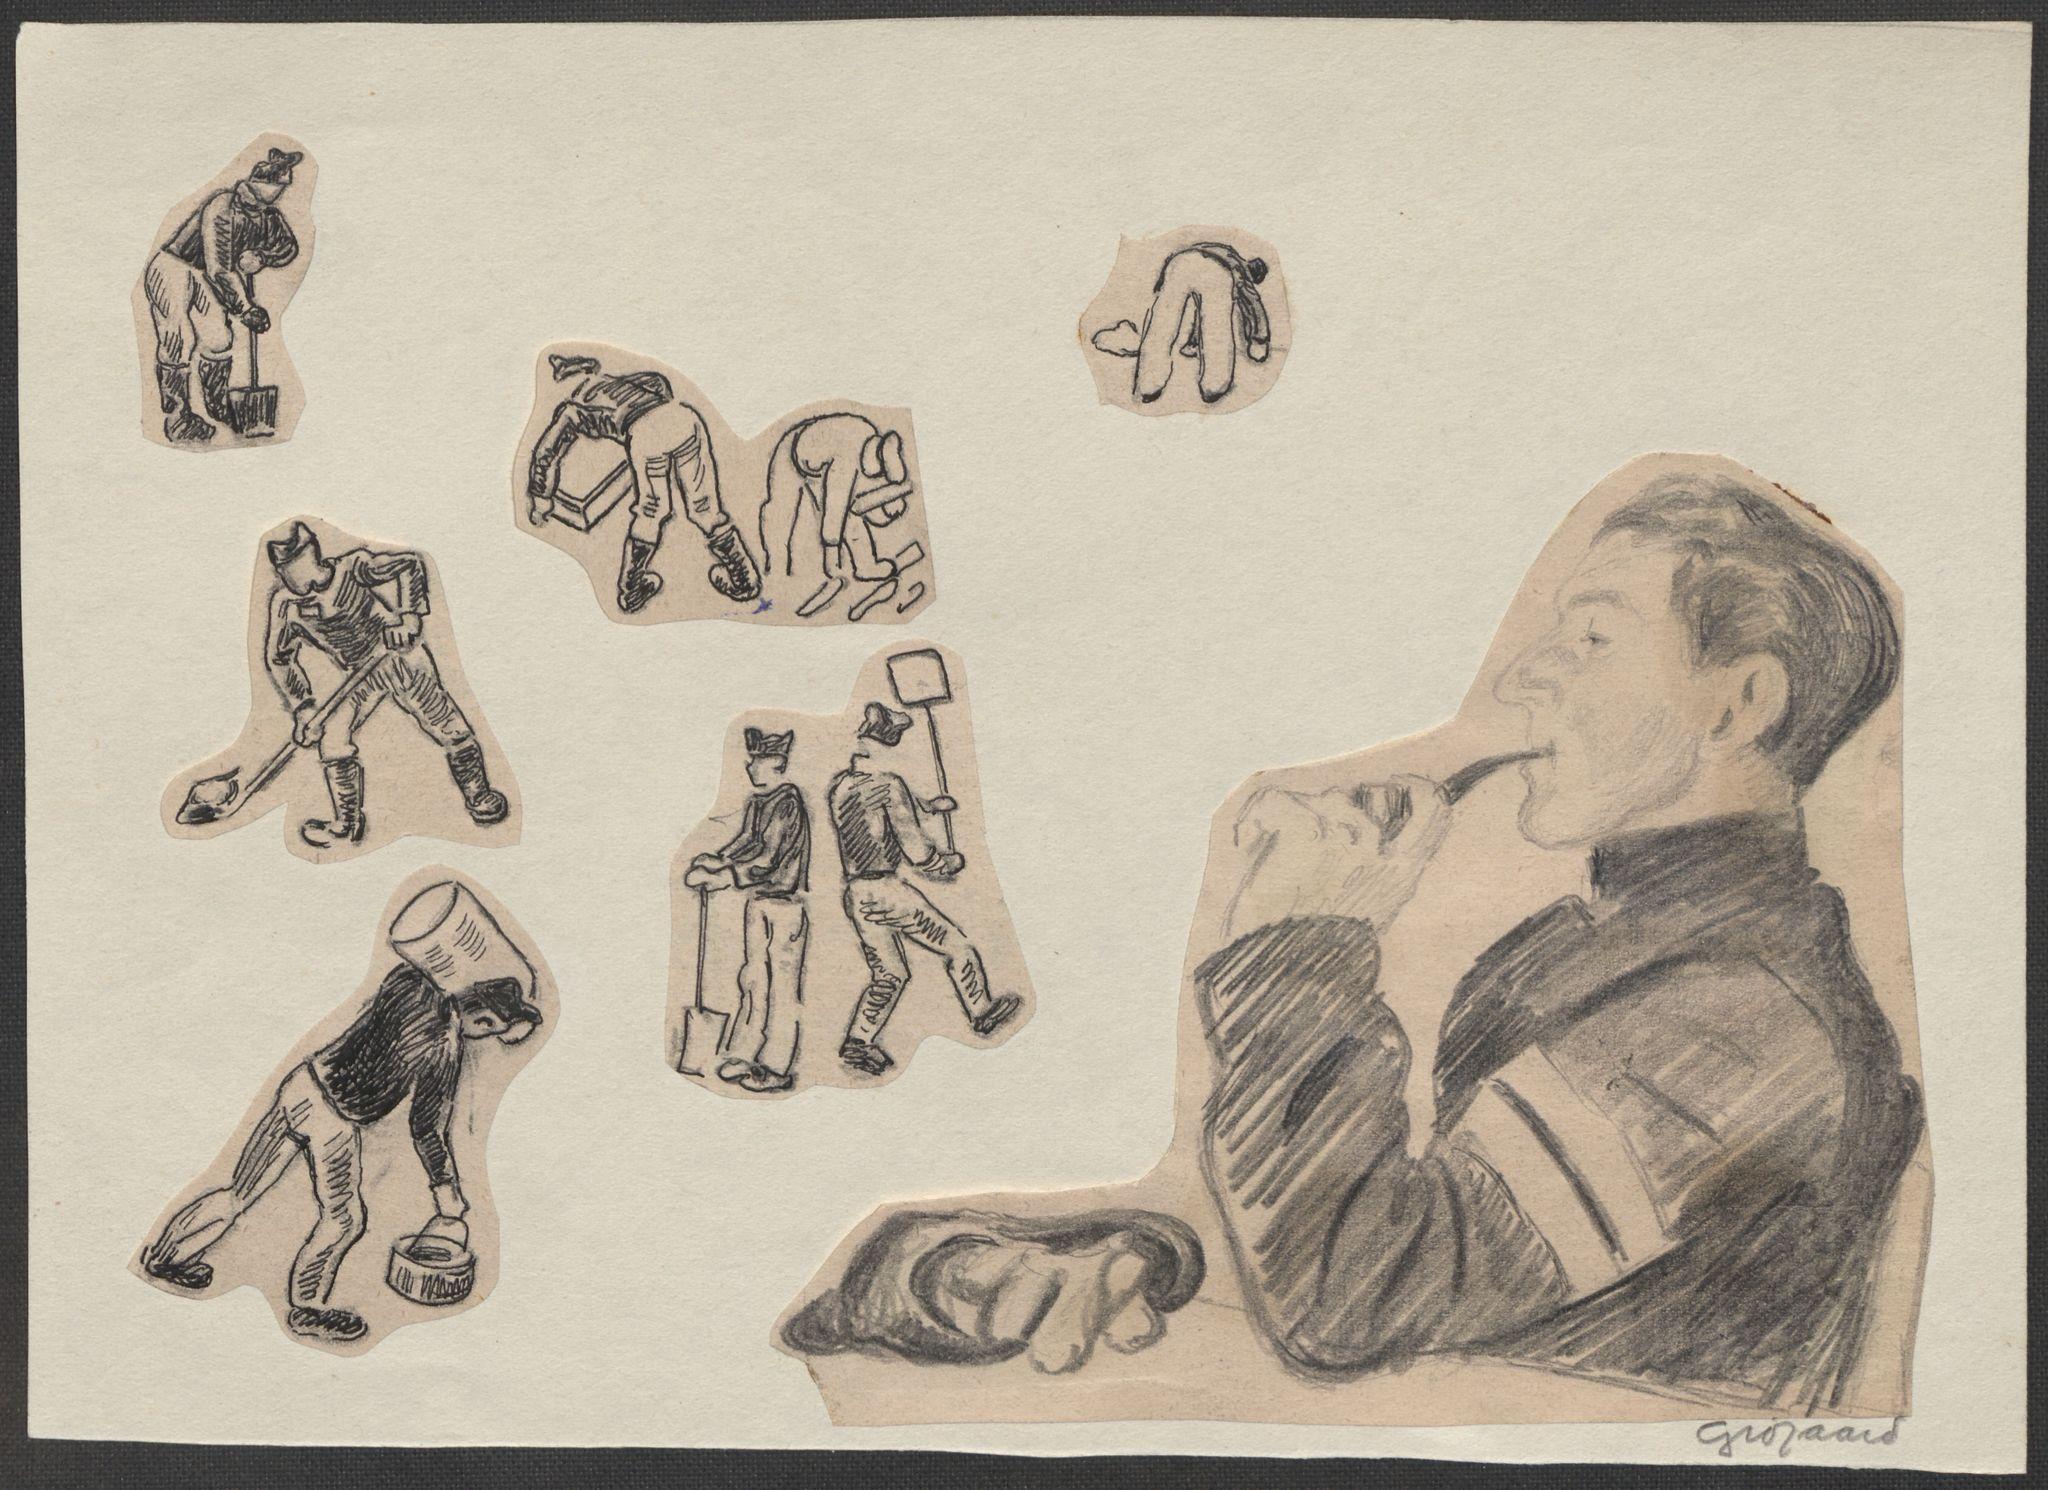 RA, Grøgaard, Joachim, F/L0002: Tegninger og tekster, 1942-1945, p. 28